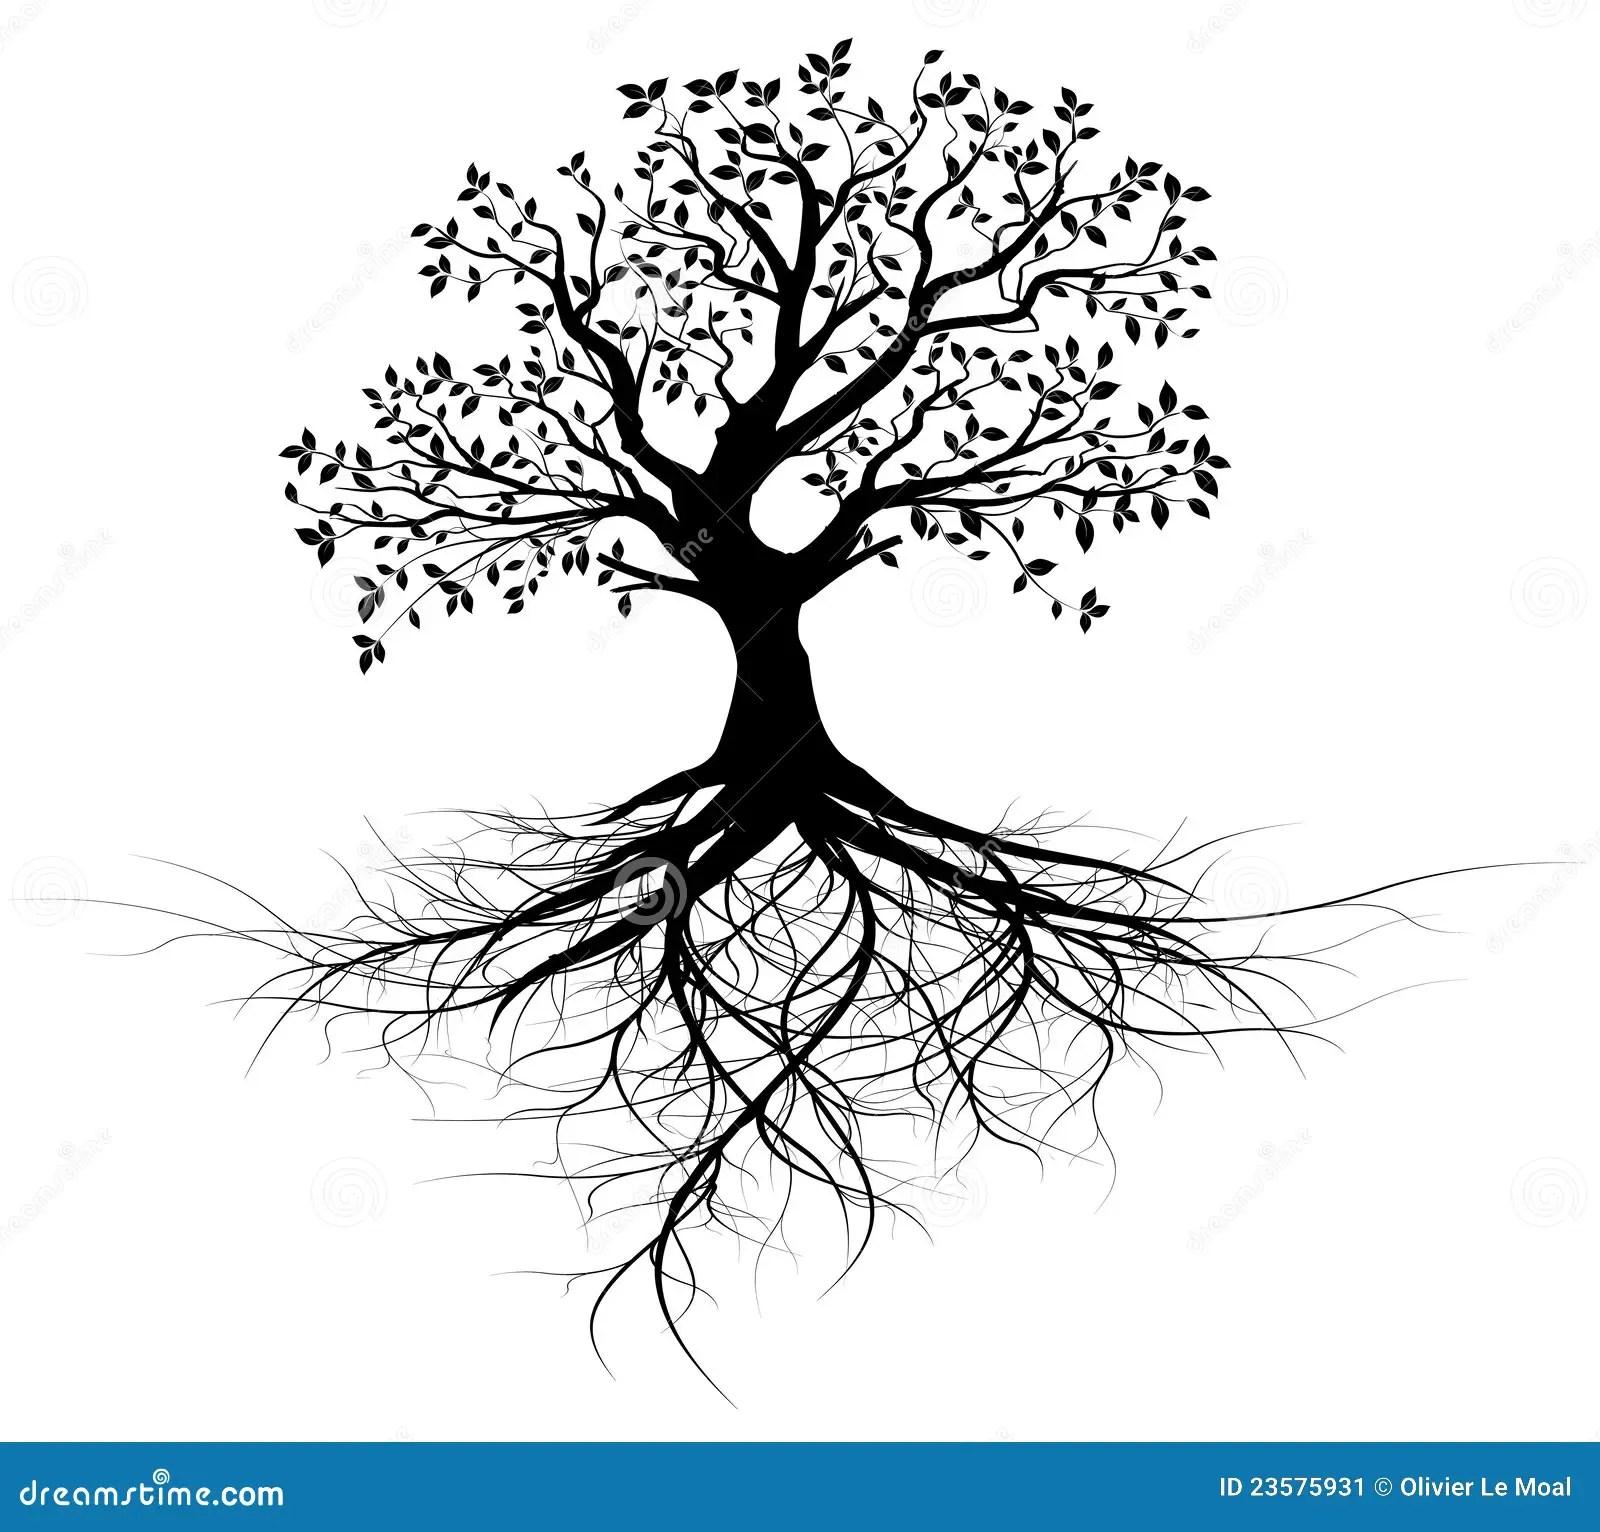 黑色根源全部结构树的向量 向量例证. 插画 包括有 分级显示, 叶子, 艺术, 全部, 年龄, 线路, 剪影